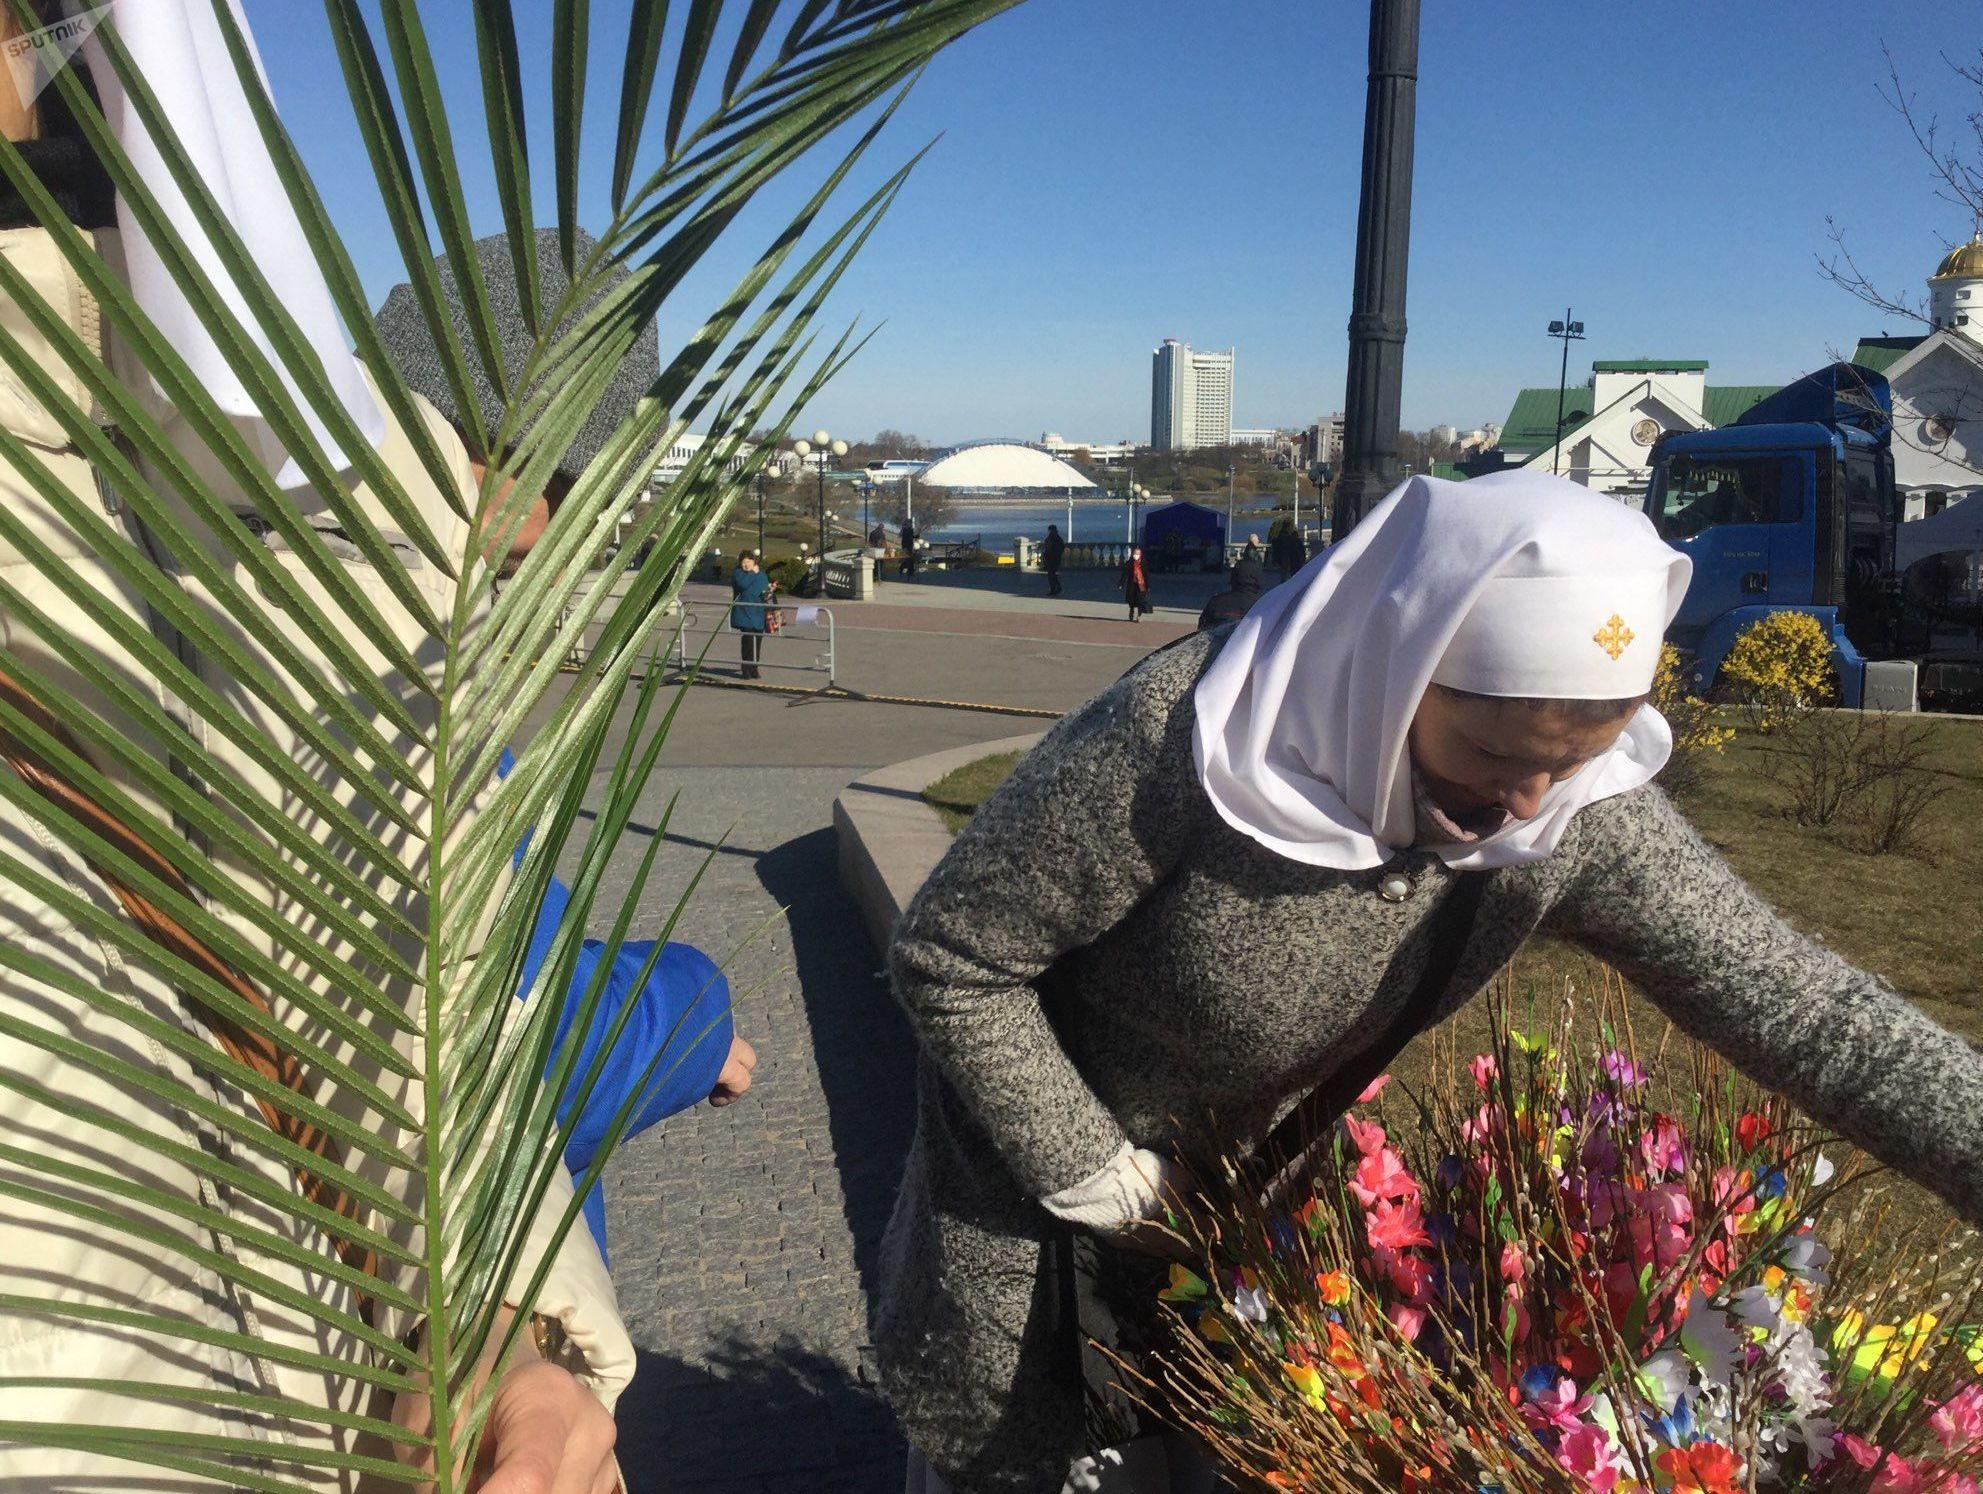 Это вербное воскресенье: полный храм народа и пальмовые ветви